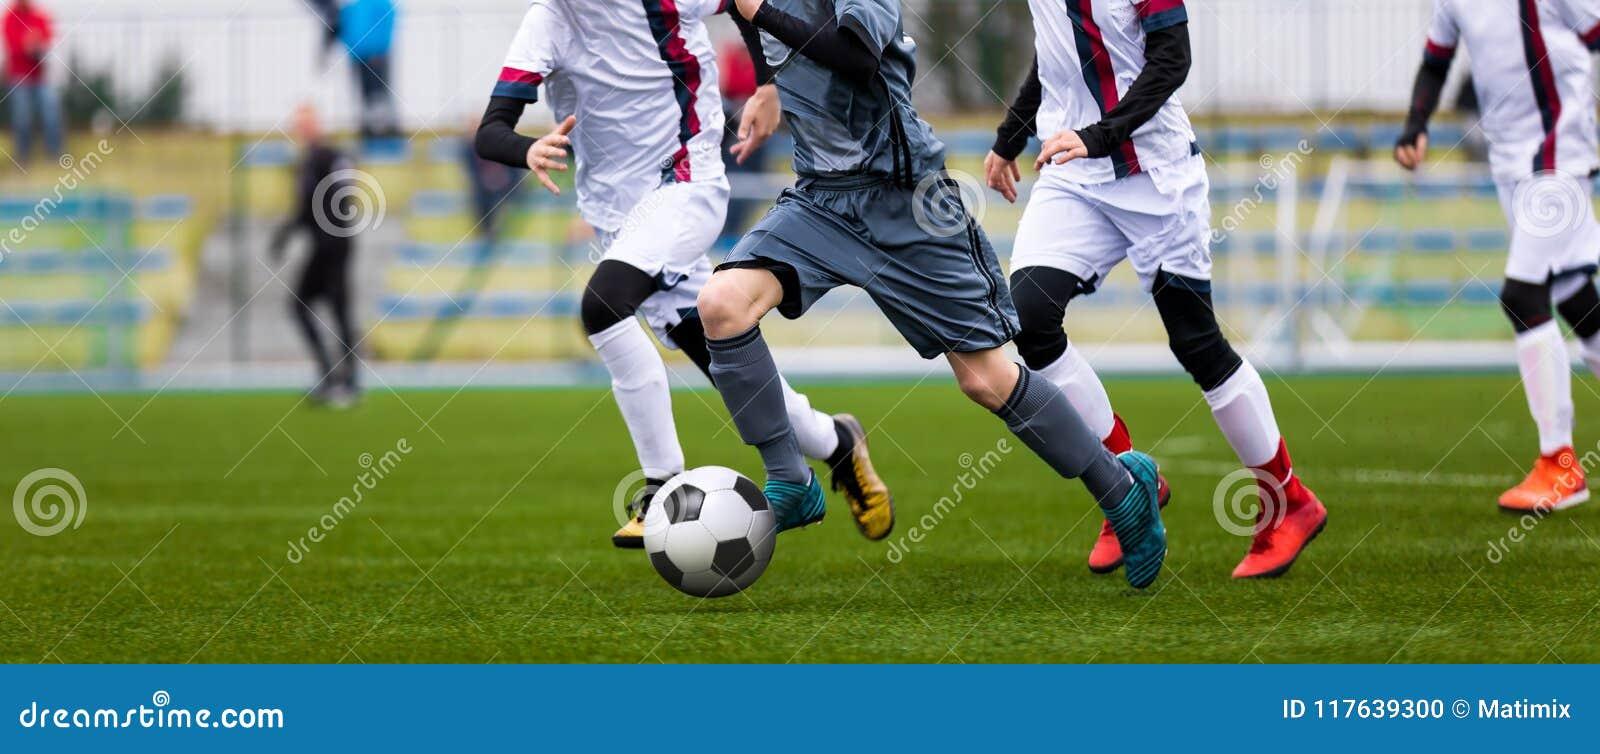 Yngre fotbollsmatch Fotbolllek för ungdomspelare Pojkar som spelar fotbollsmatchen på fotbollgraden